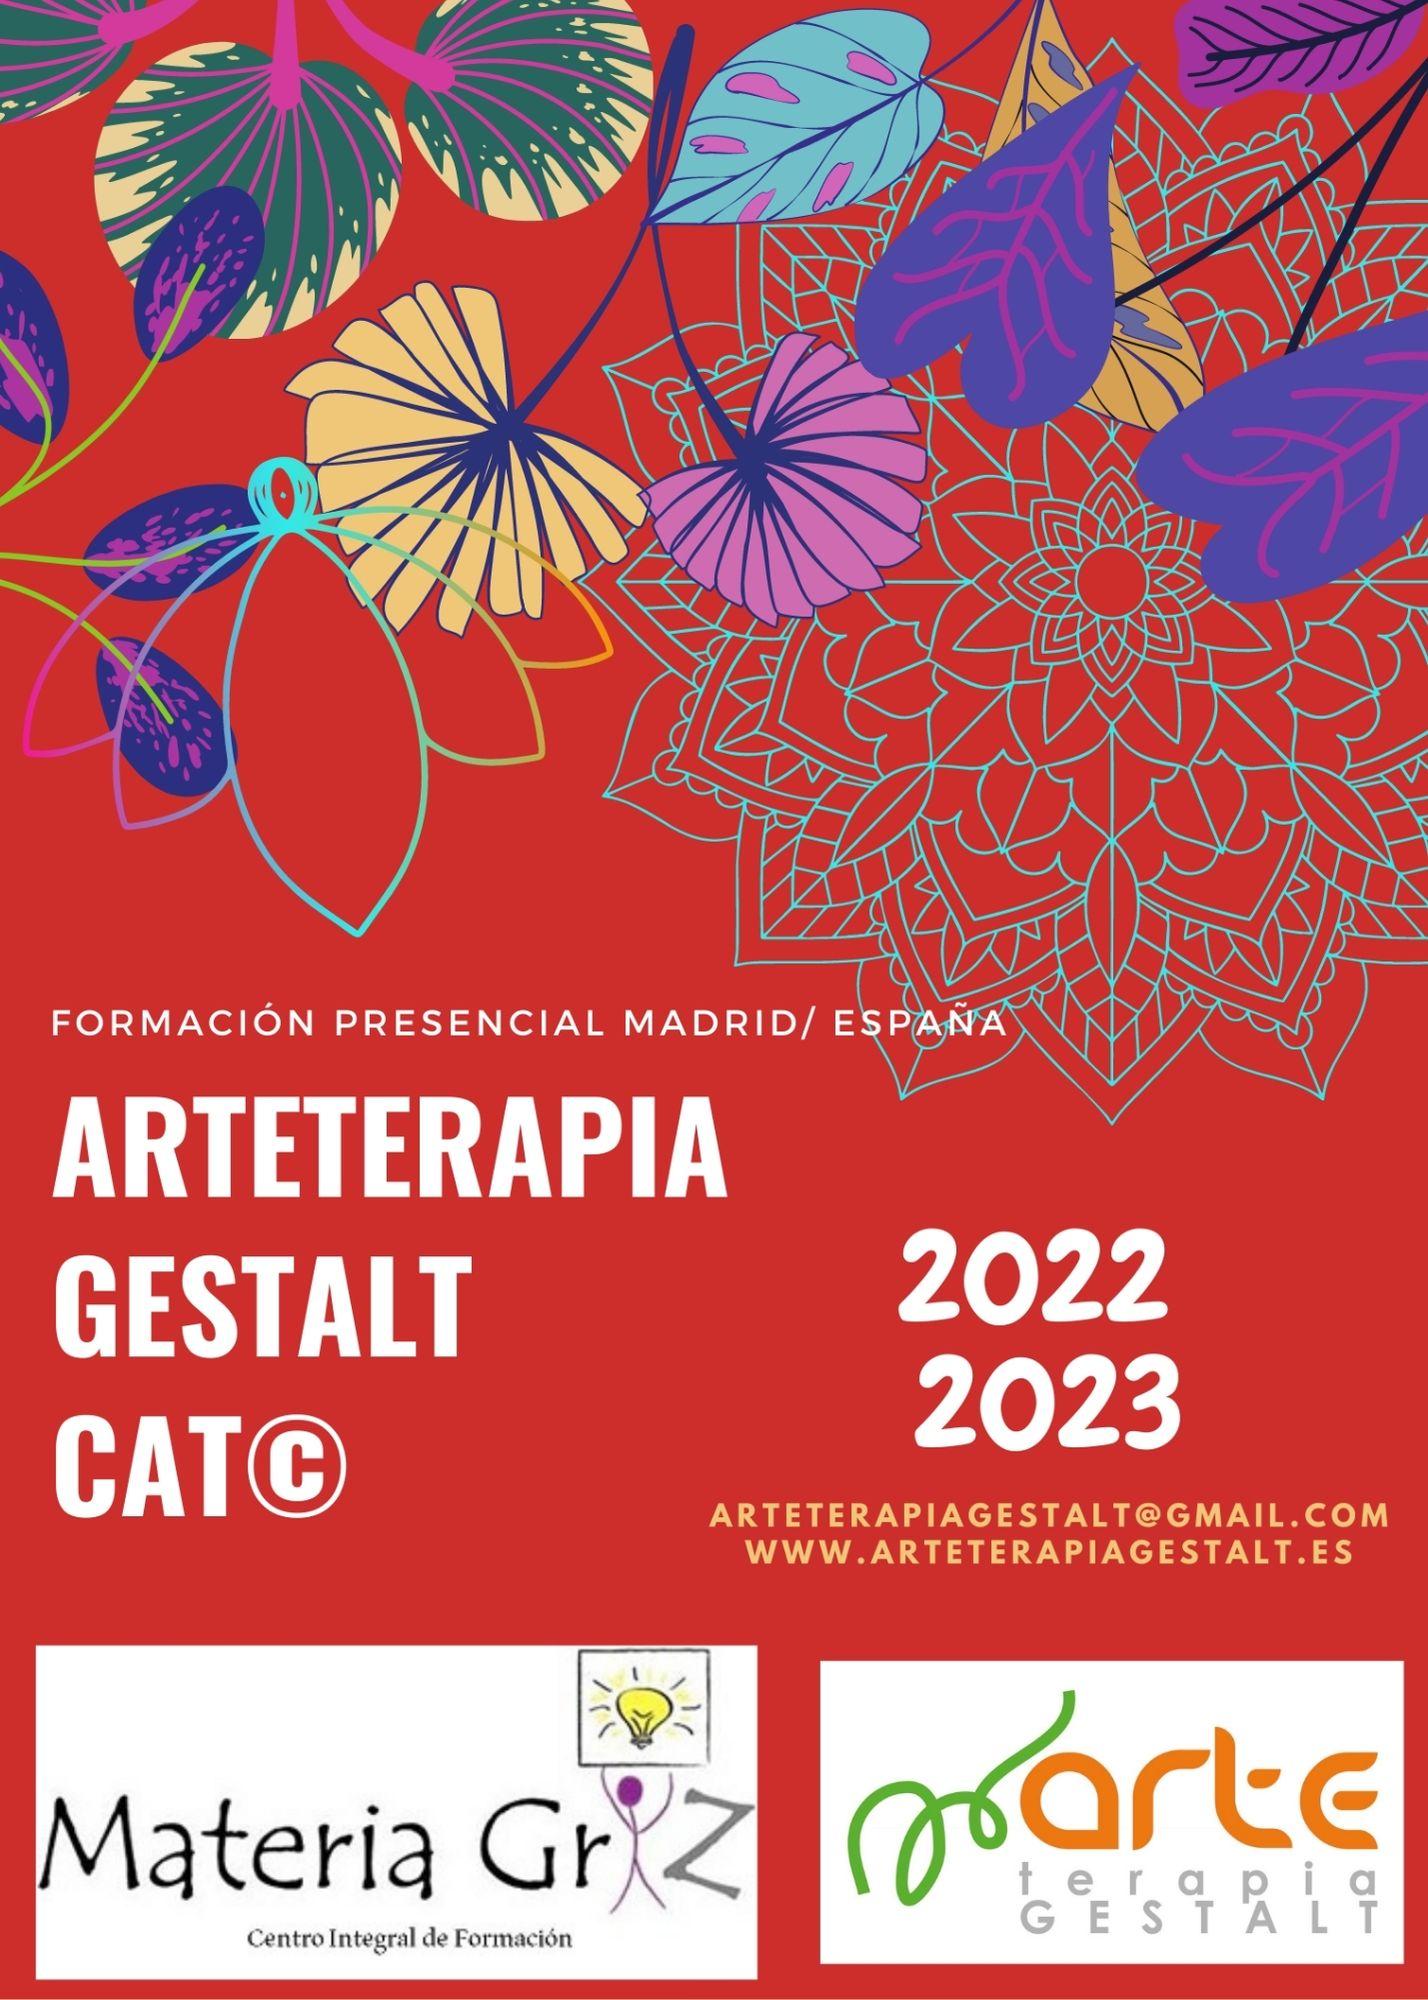 imagen: 2022- 2023 Formación PRESENCIAL CAT® Arteterapia Gestalt- Materia Griz- Madrid- España